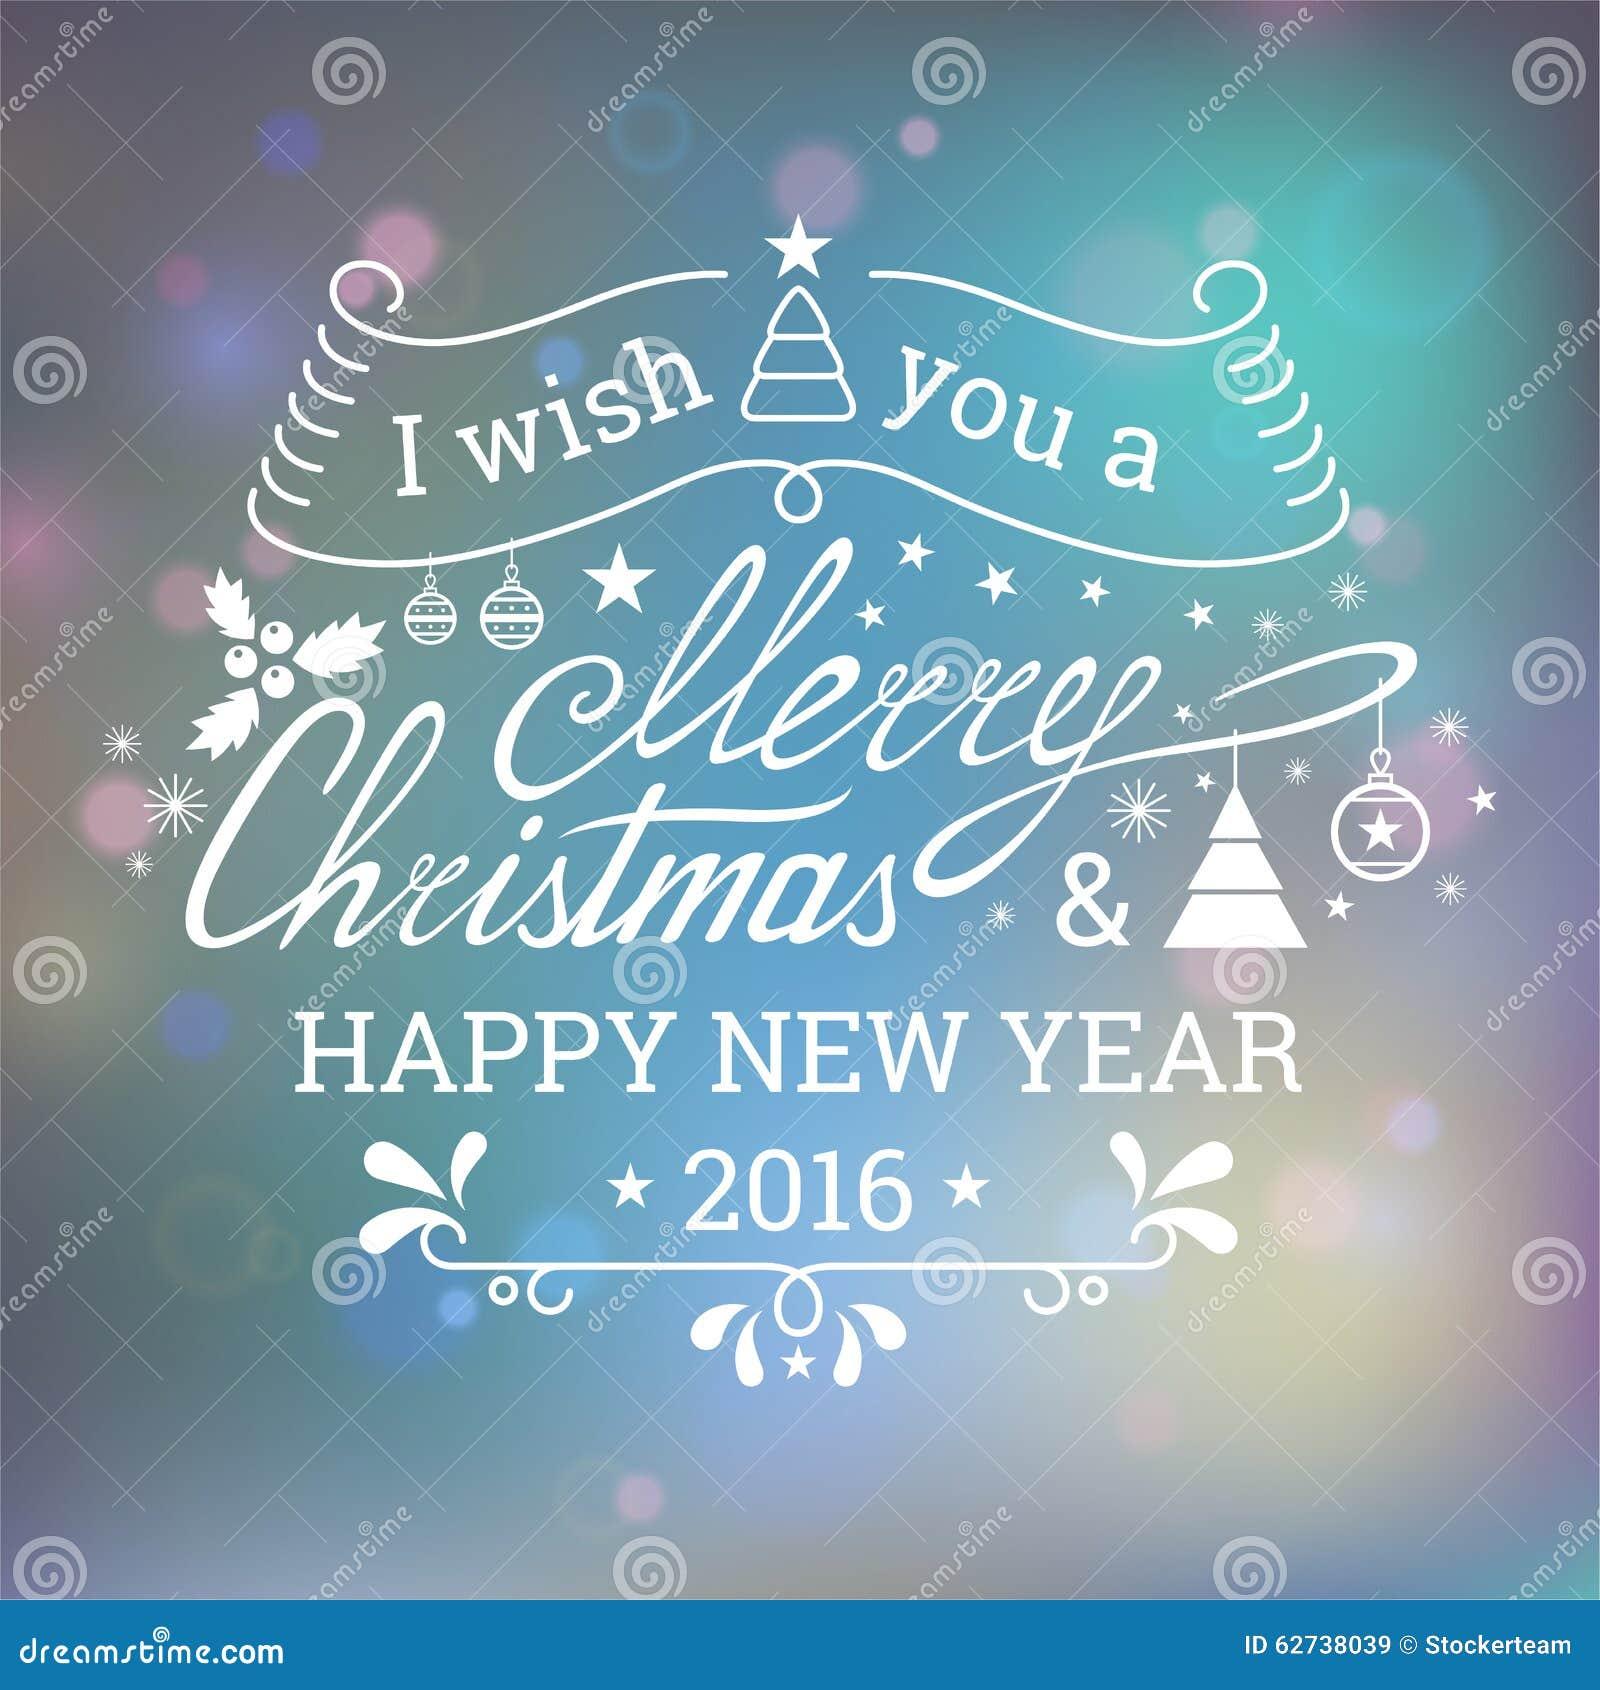 Ich Wünsche Ihnen Frohen Weihnachten Stock Abbildung - Illustration ...